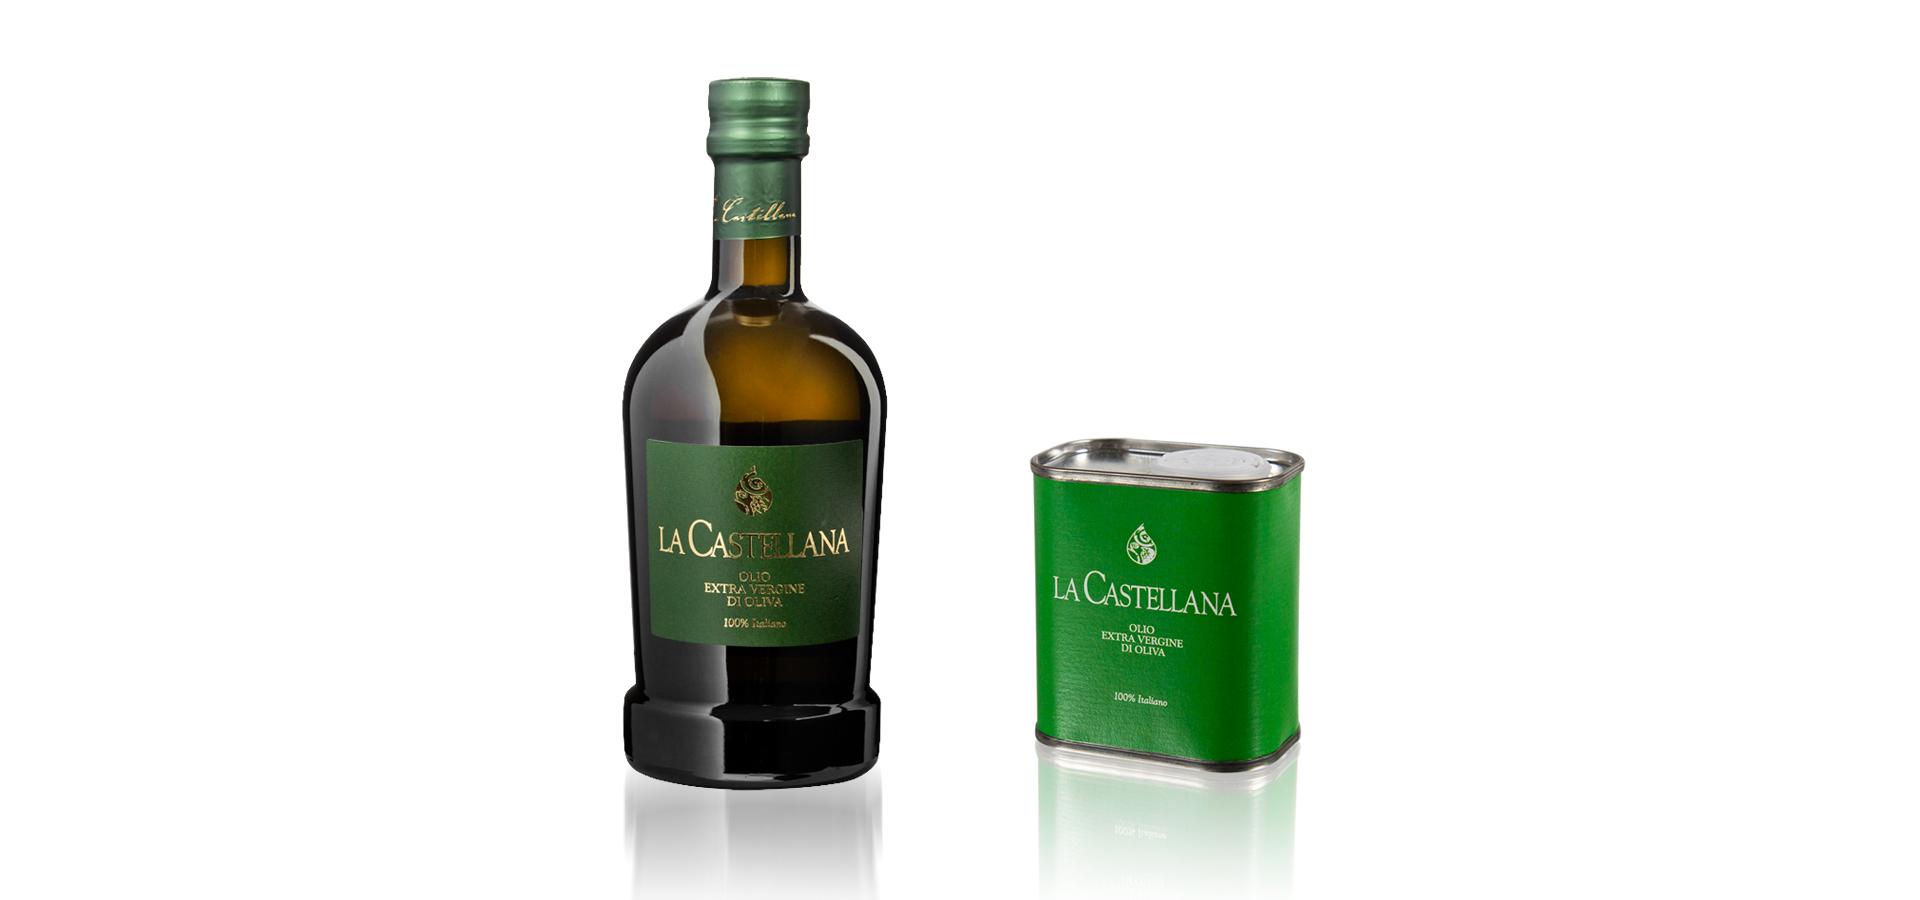 Olio Evo delicato Capsula verde, cultivar leccino e frantoio